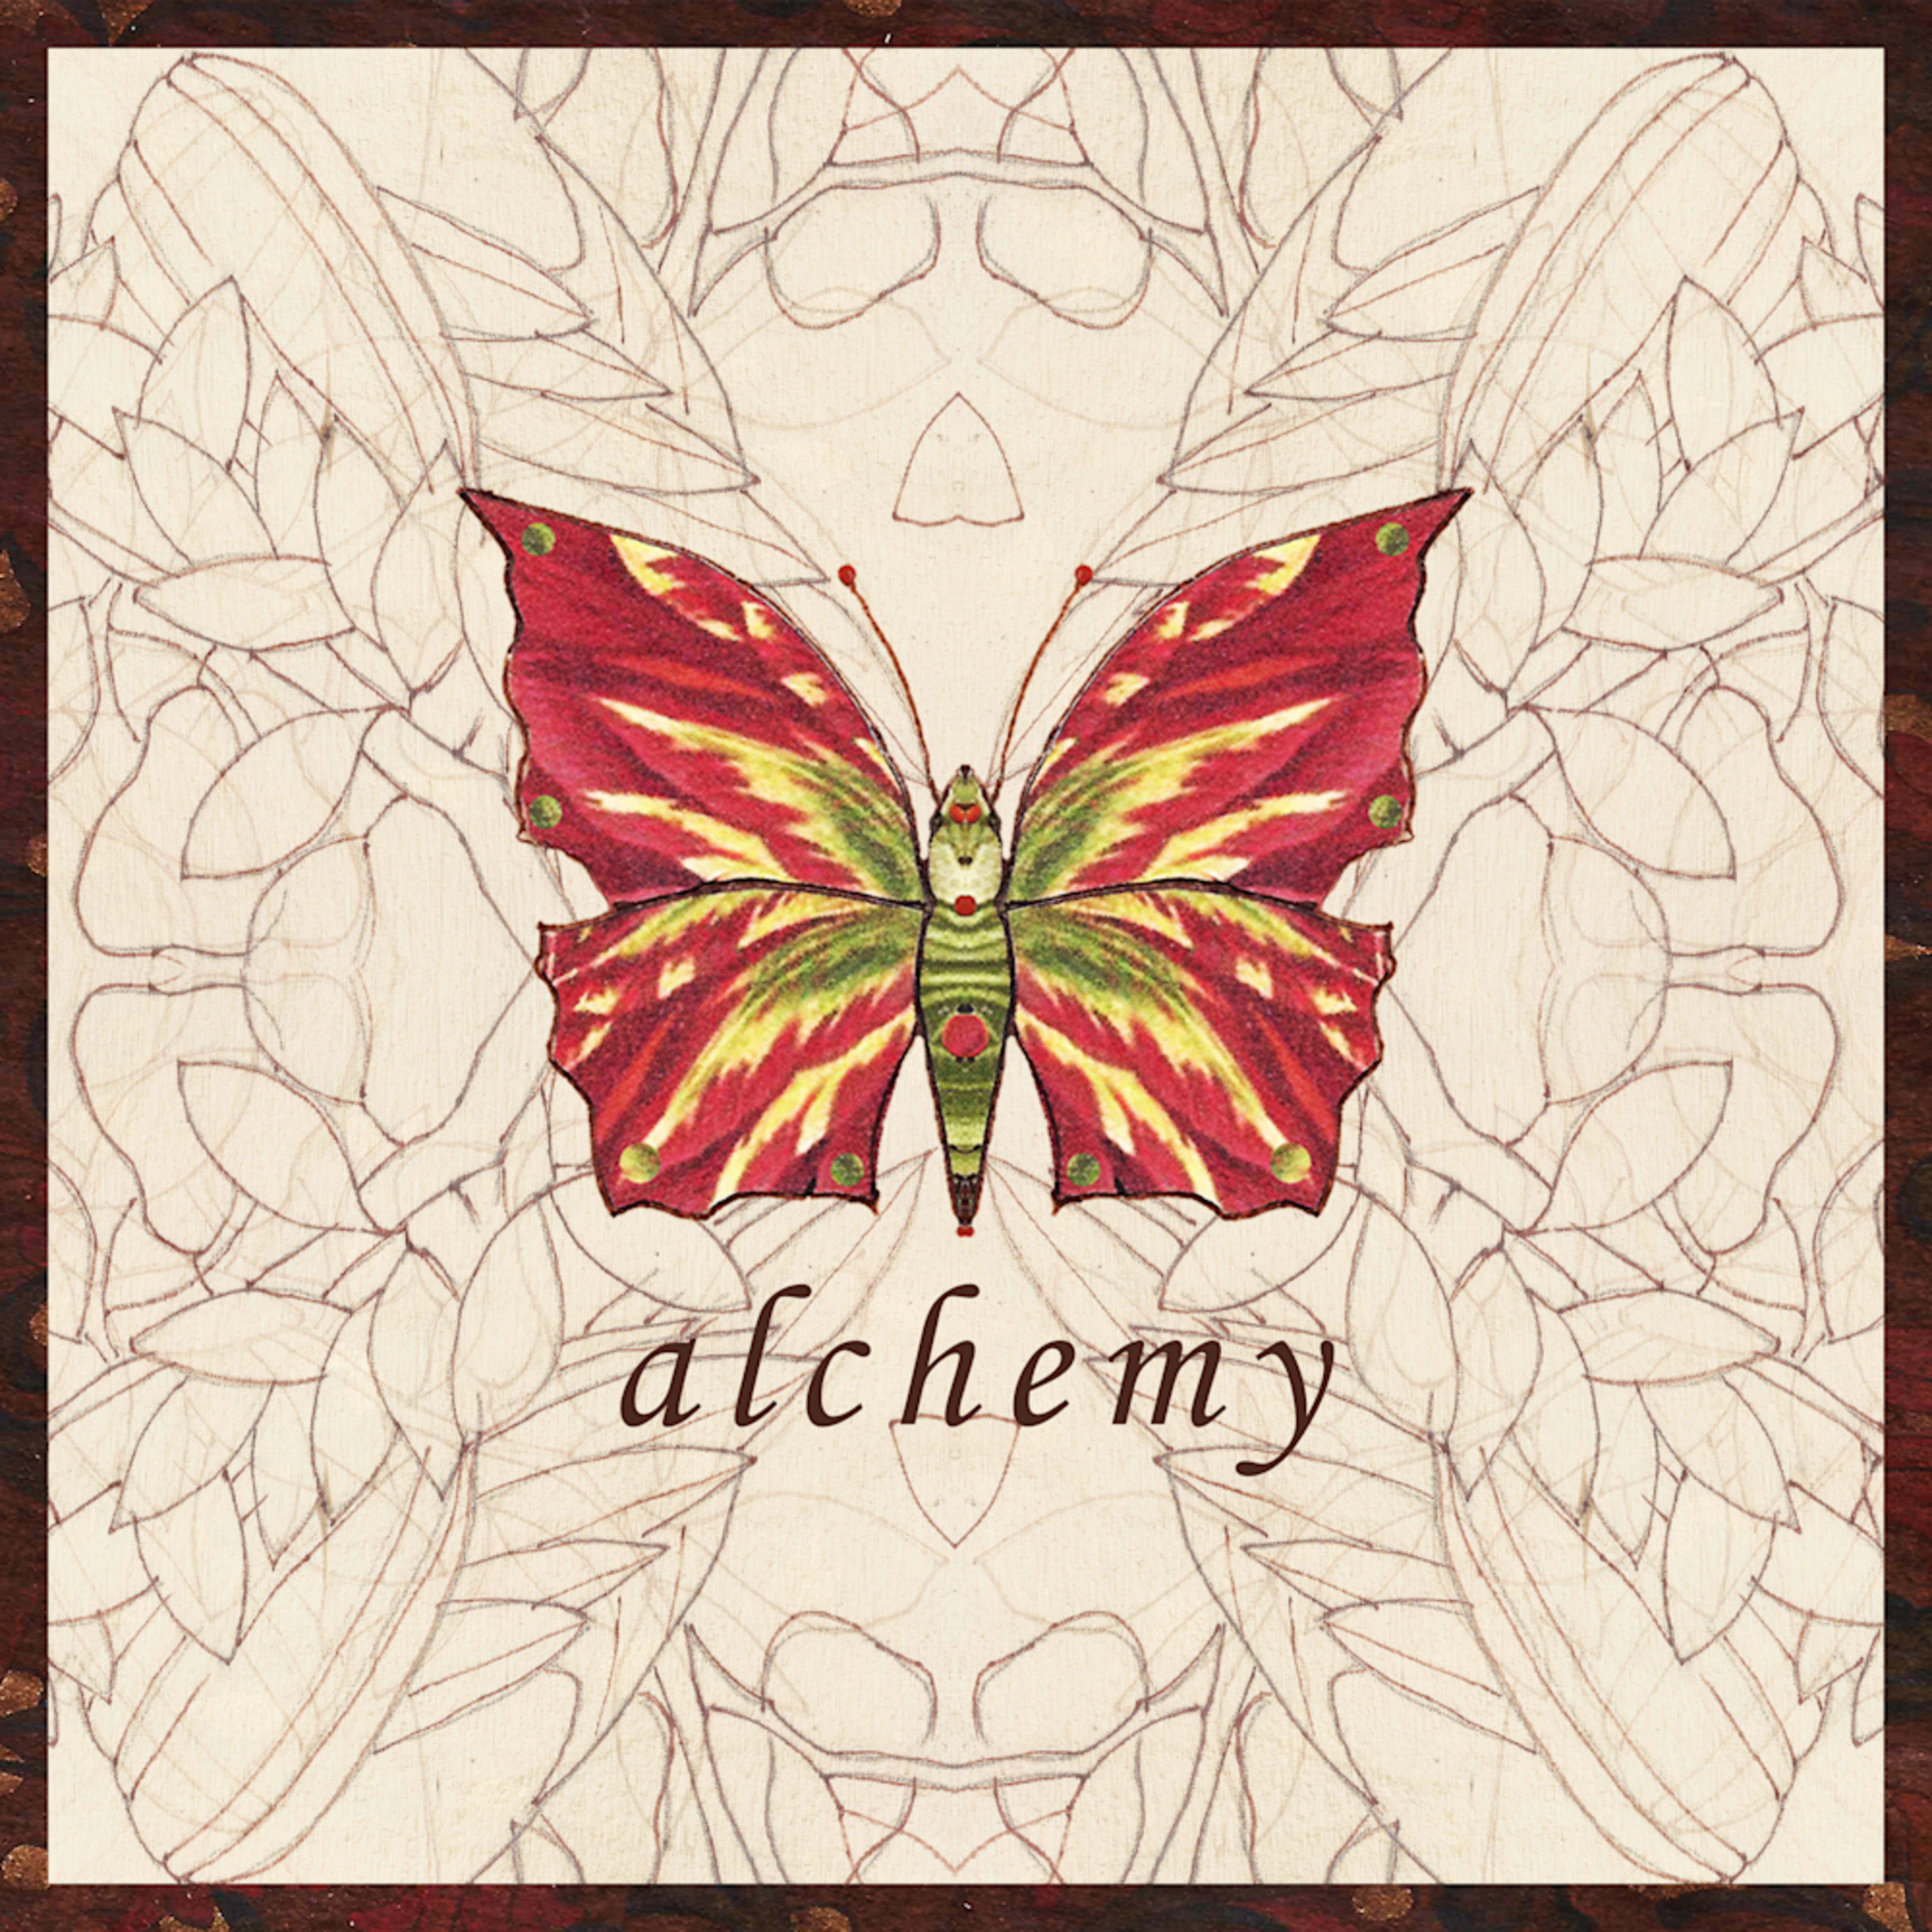 Alchemy dj1vpf